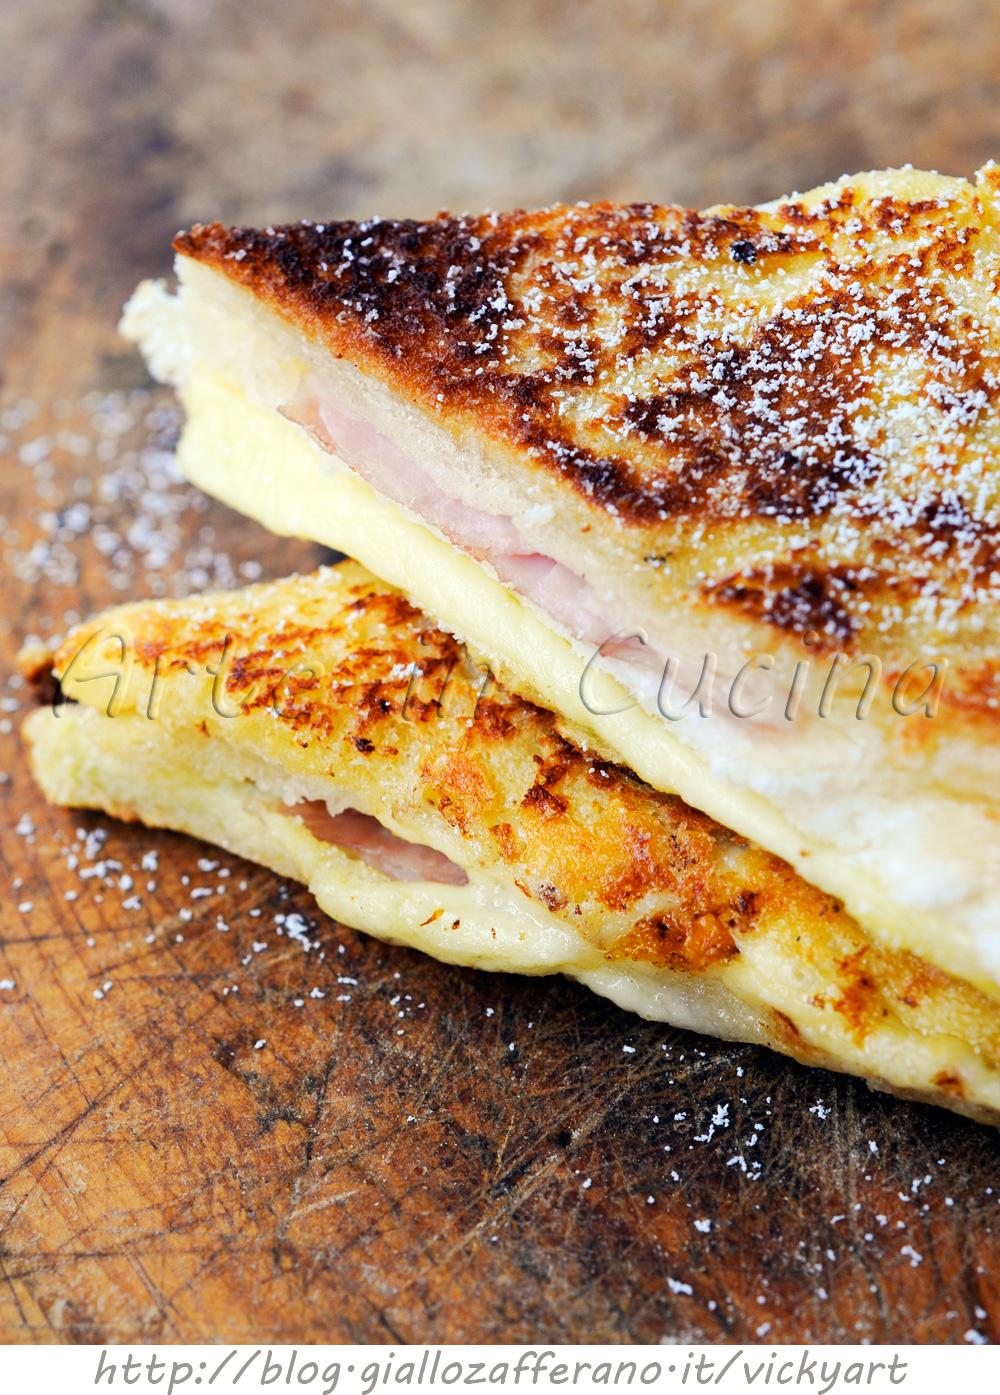 Monte Cristo sandwich ricetta facile e veloce vickyart arte in cucina